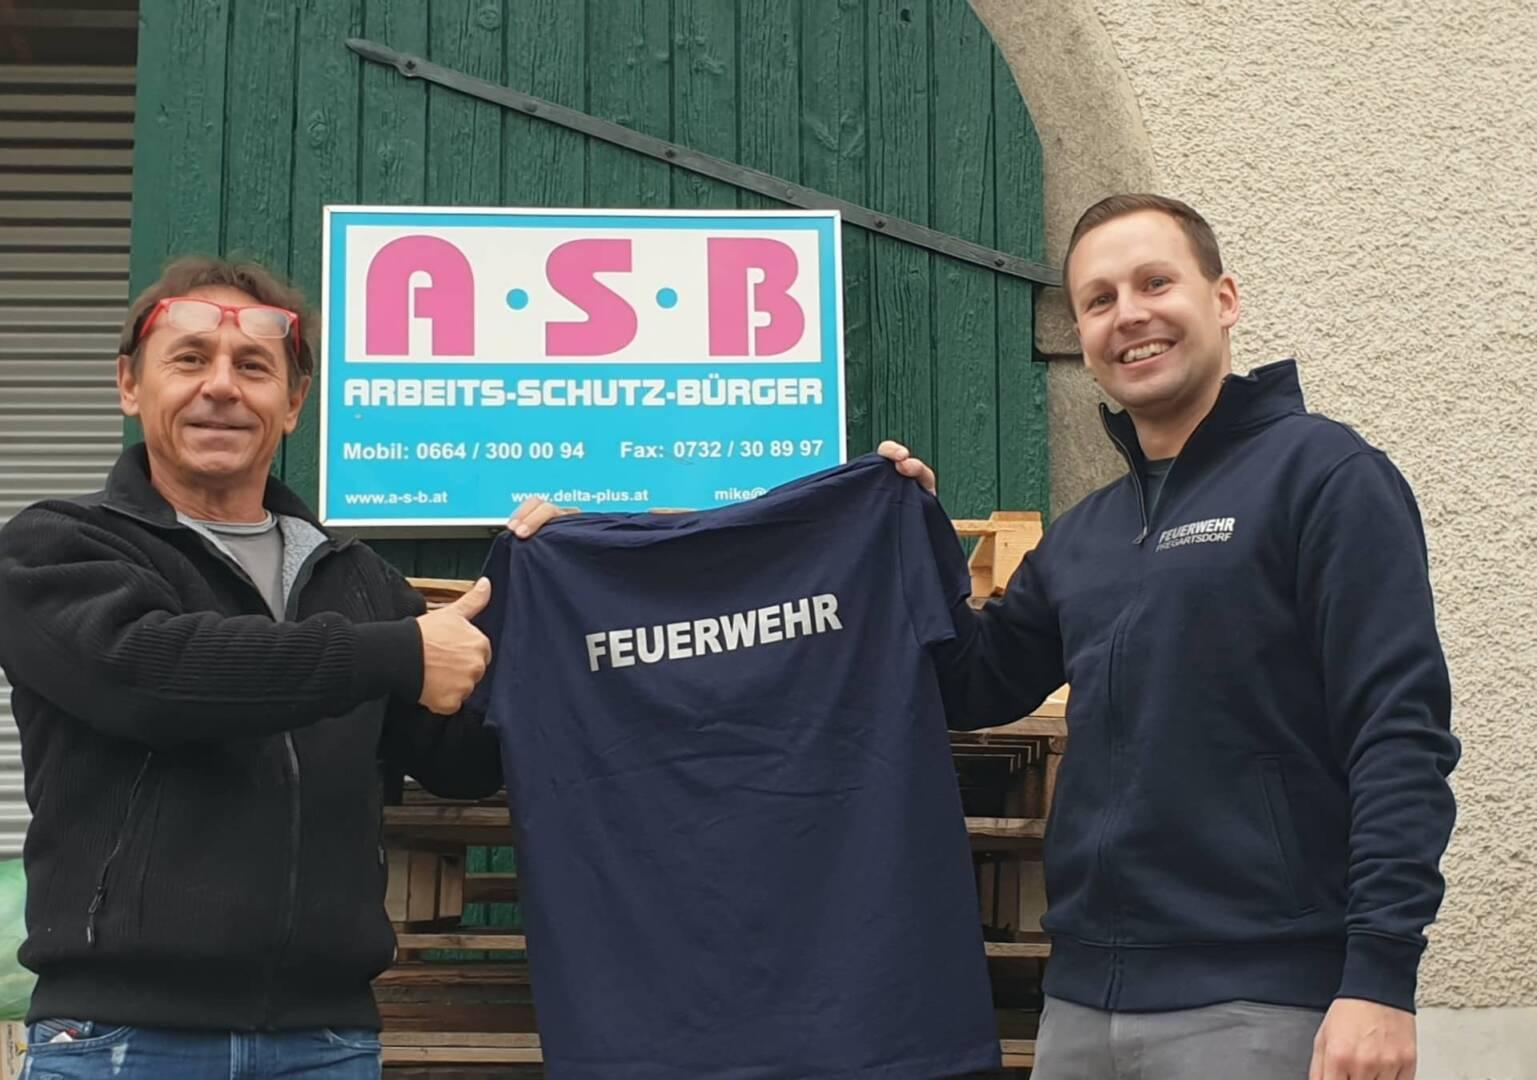 Neue Einsatz-T-Shirts für die Feuerwehr